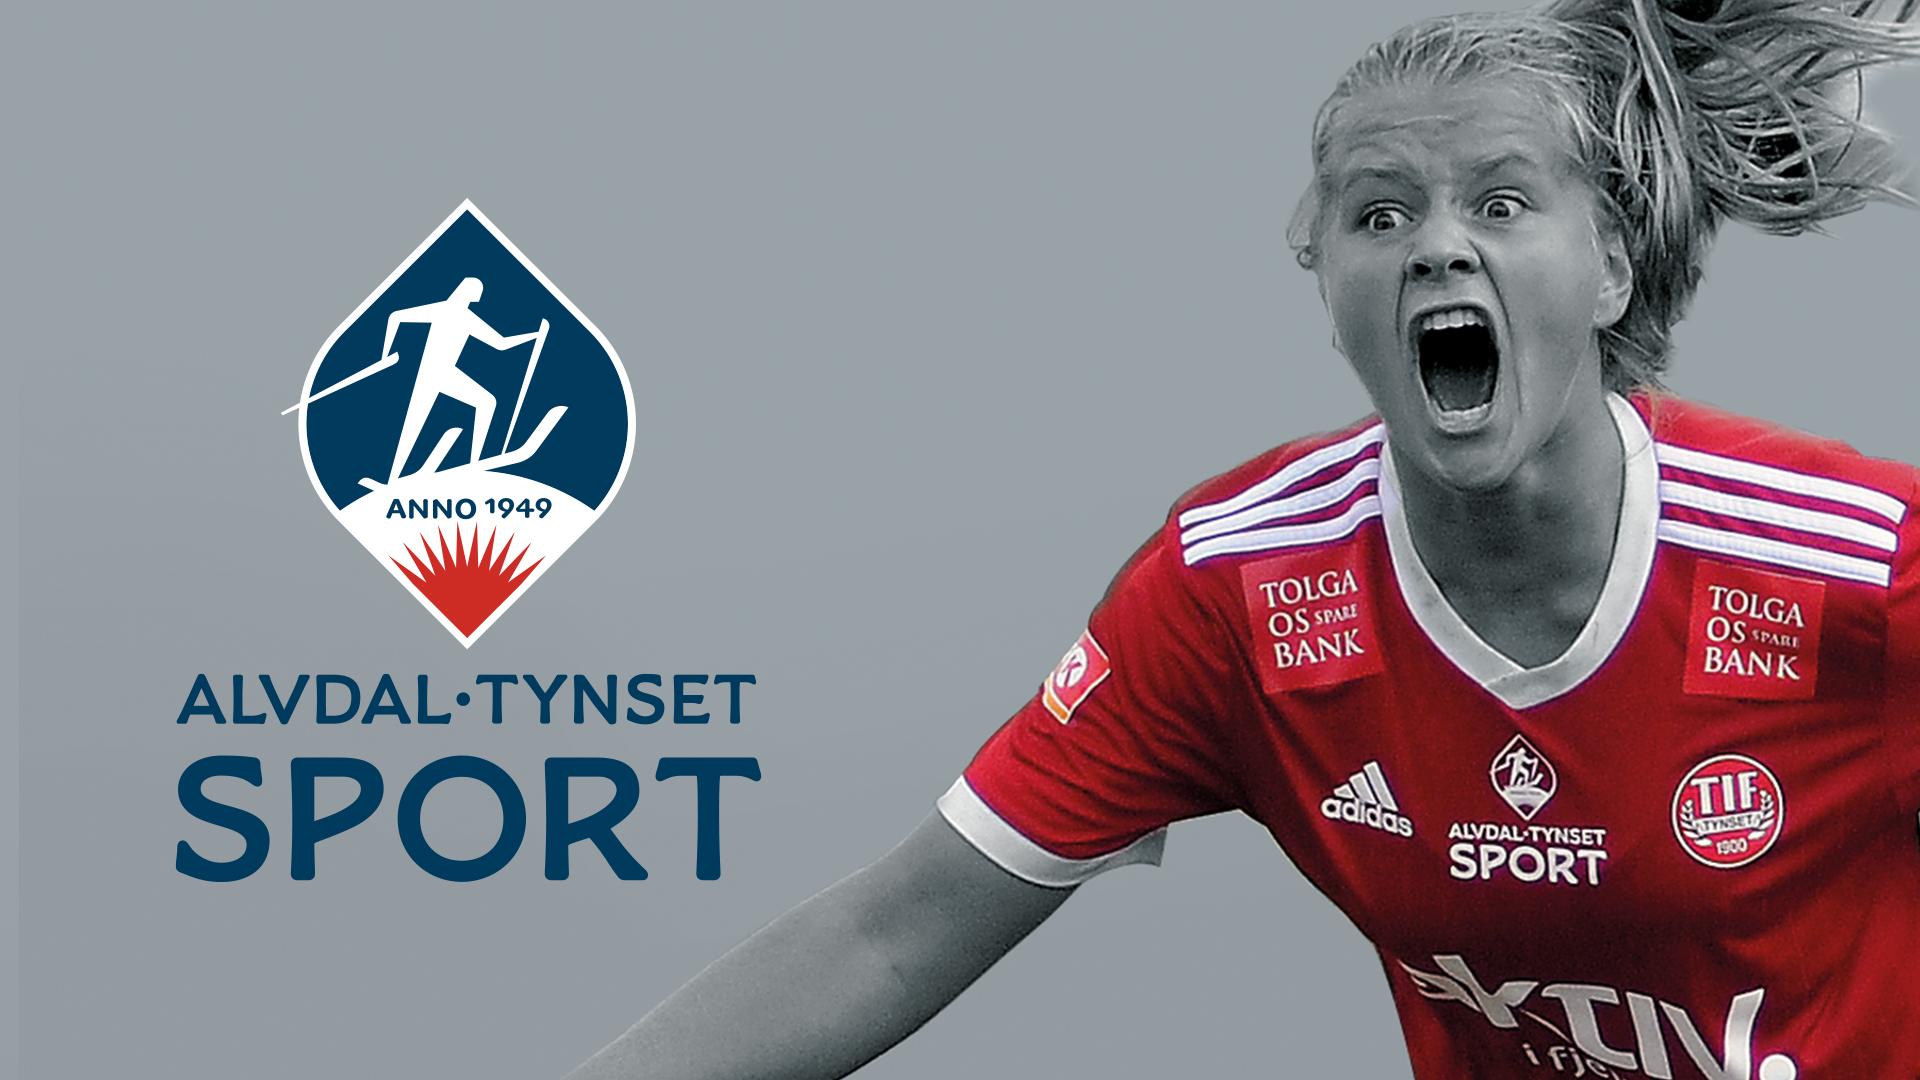 Fotballtrøye med Alvdal Tynset sport-logo